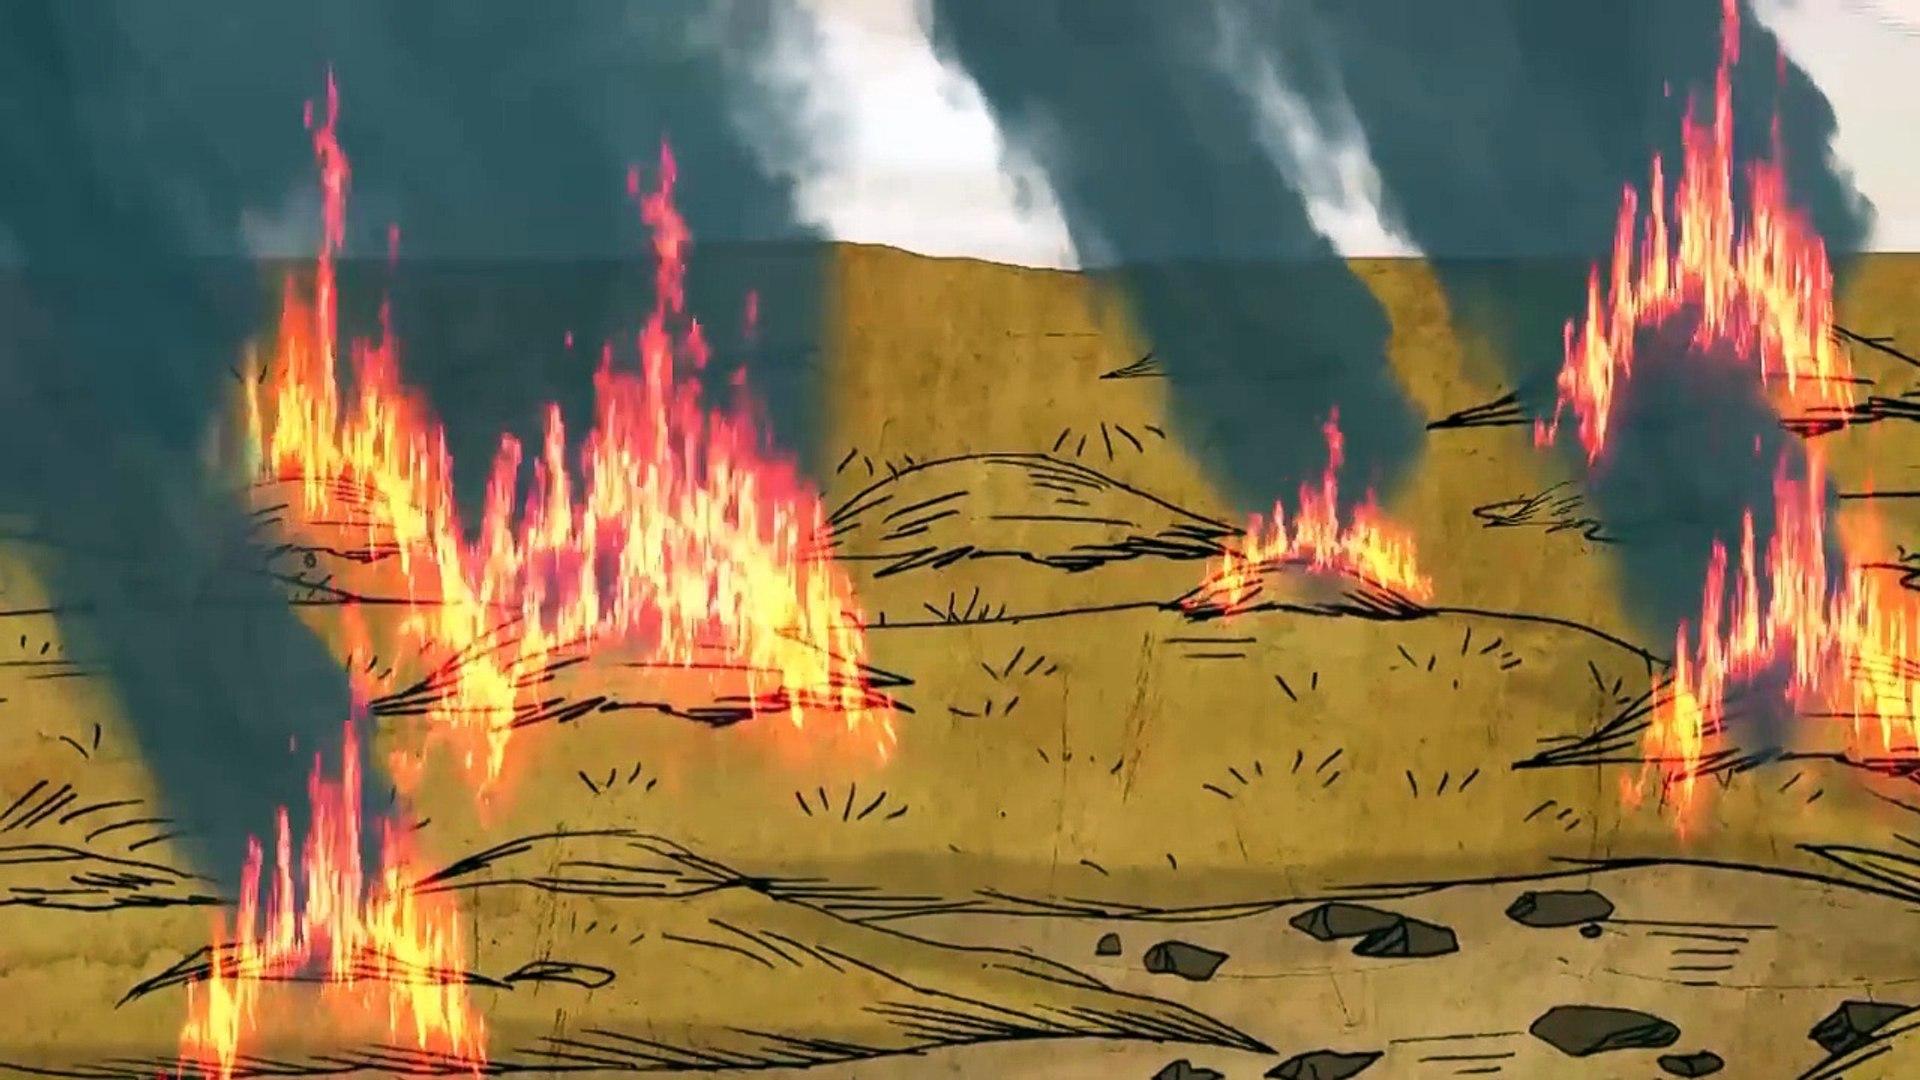 Phim hoạt hình – Hoạt hình Danh ngôn Cuộc sống - NÔ LỆ CỦA ĐỒNG TIỀN ► Phim hoạt hình hay nhất 2017